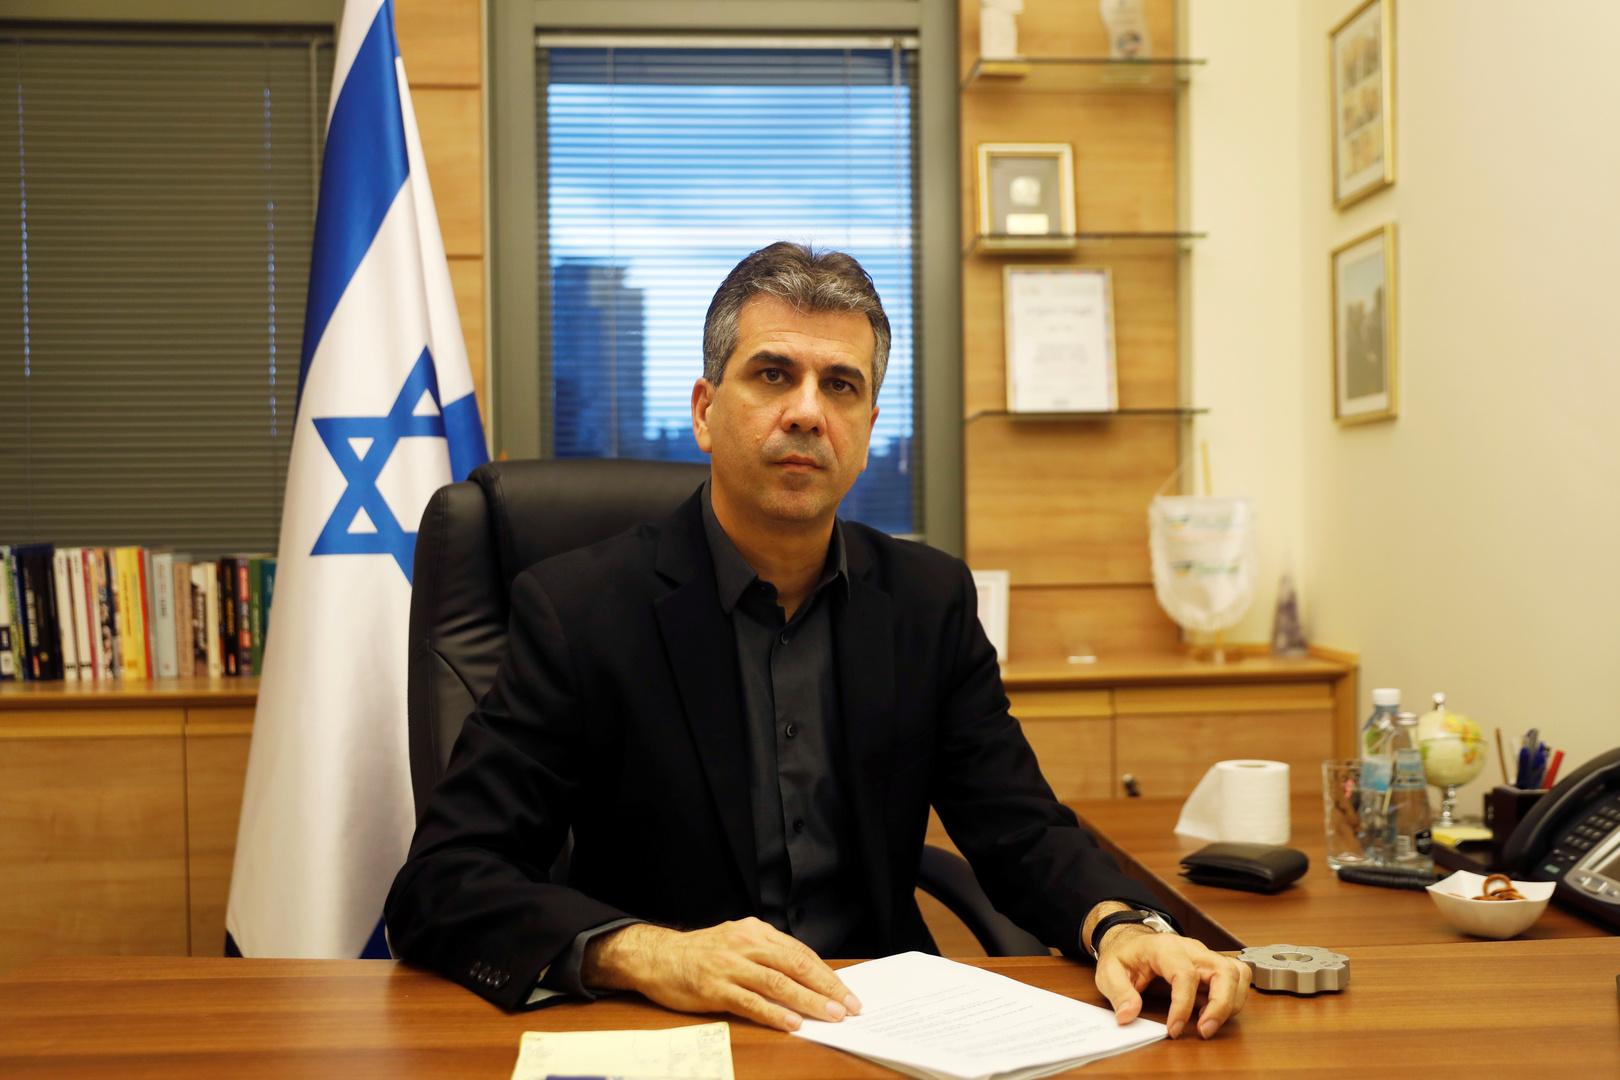 وزير الاستخبارات الإسرائيلي إيلي كوهين